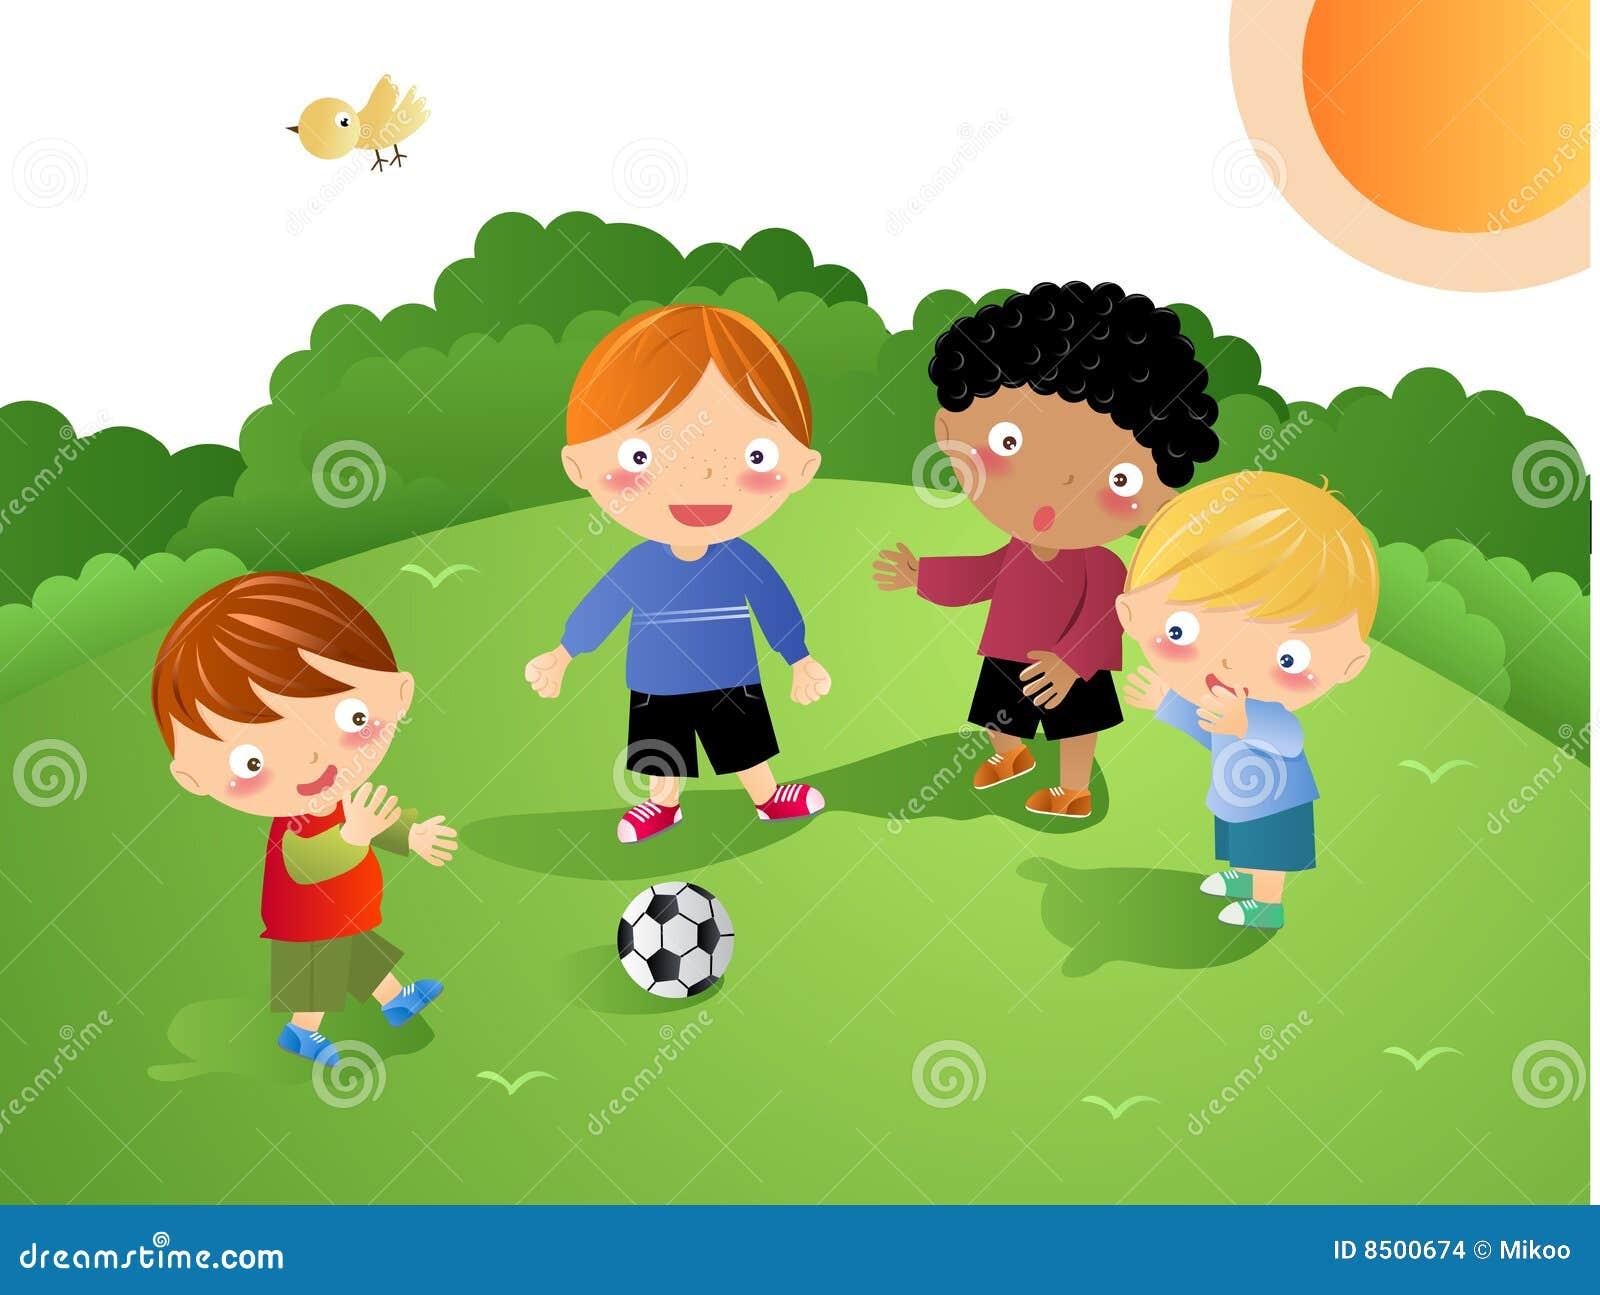 Meglio Di Bambino Di Colore Che Gioca A Calcio Disegno Migliori